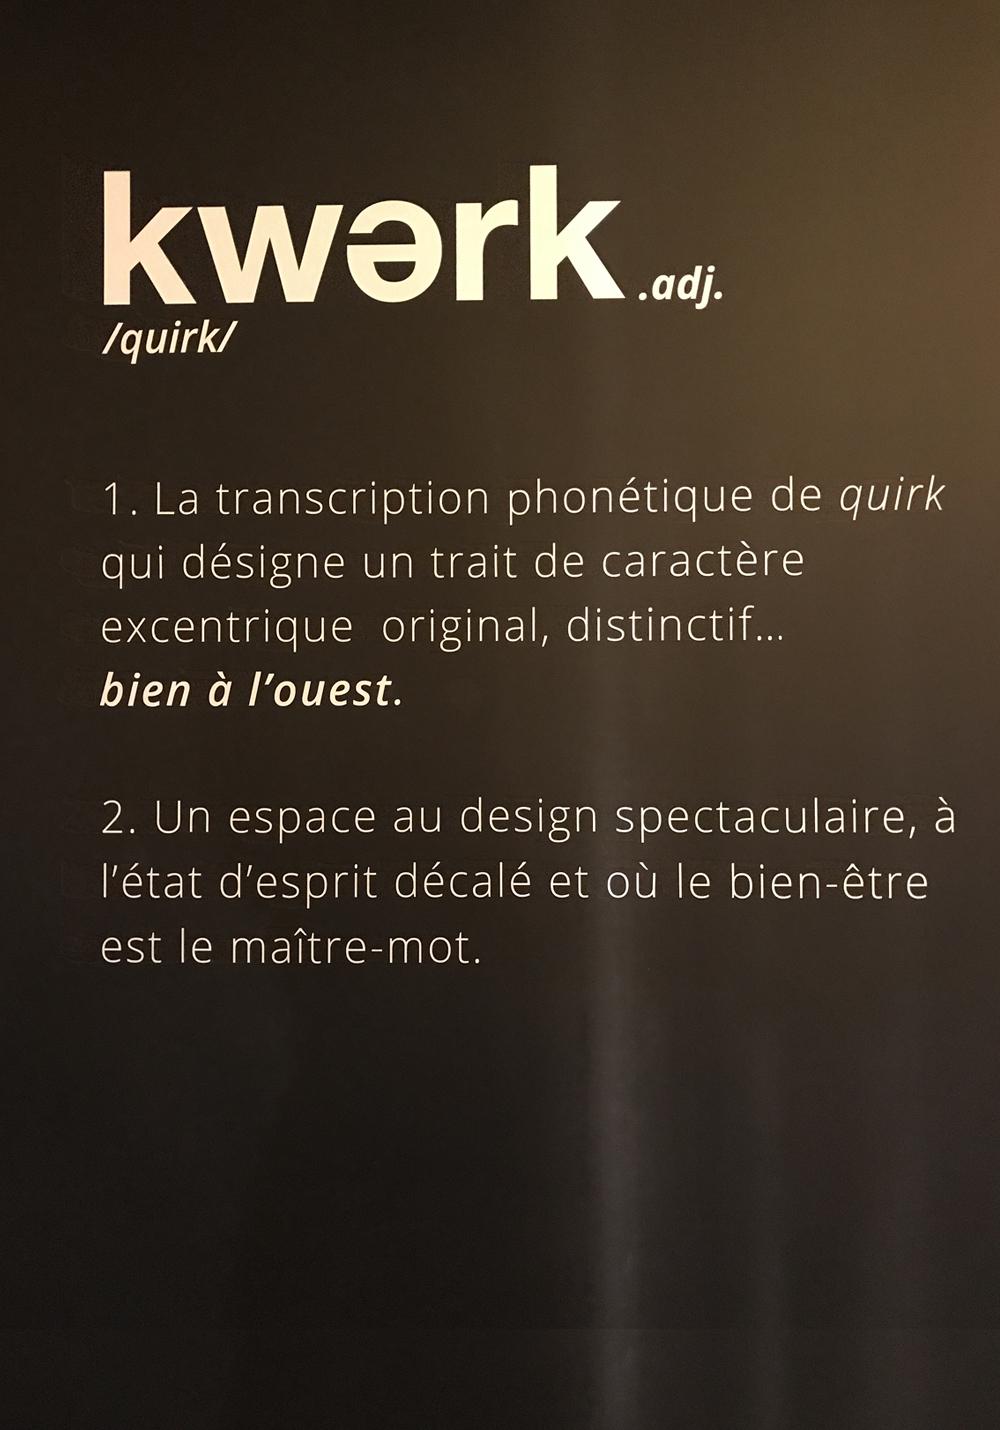 Air Chic Design:disque externe:EXOChic:1 -POSTS:1 - ARTICLES:2018:01- JANVIER:02 KWERK:OK:image blog:Kwerk Haussmann exochic.jpg